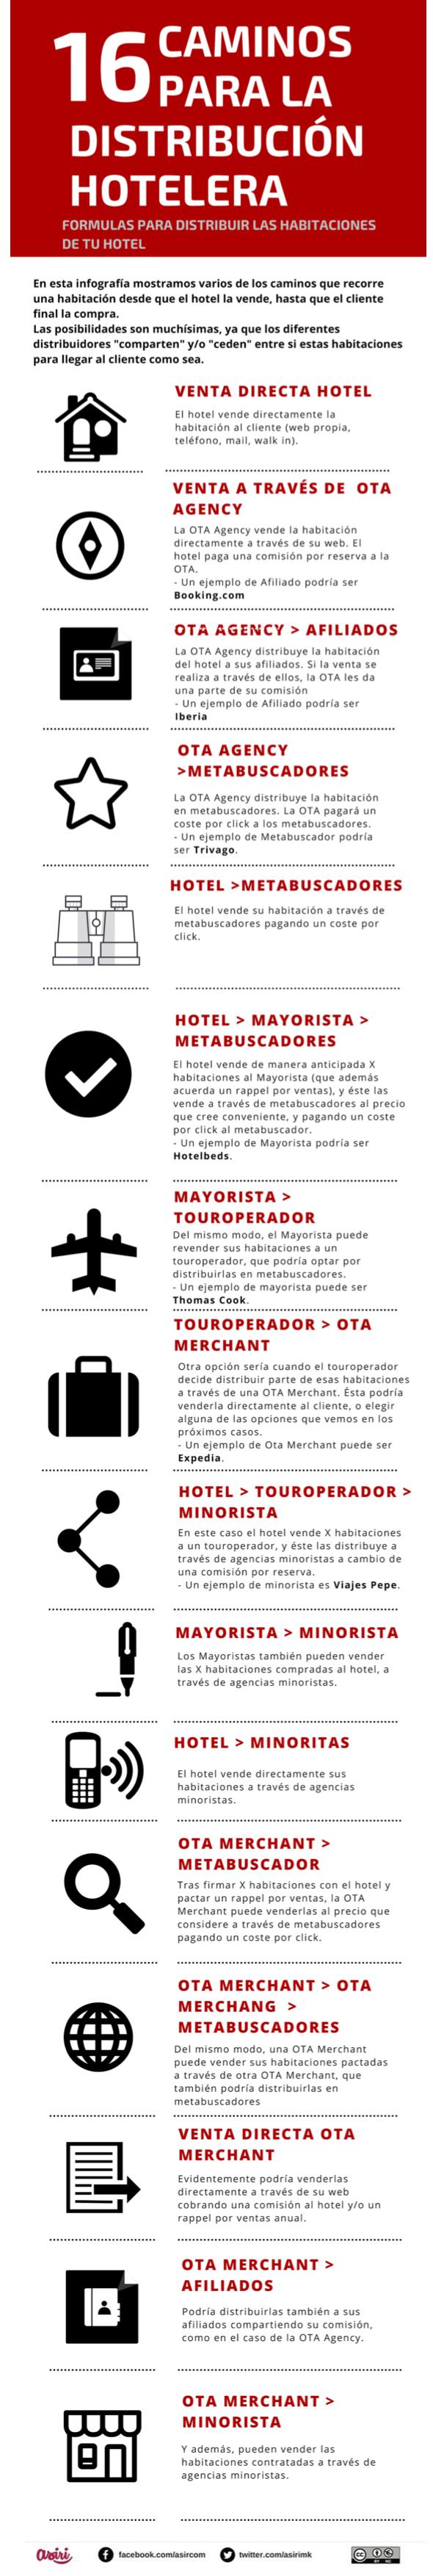 16 caminos para distribuir las habitaciones de tu hotel #infografia #tourism